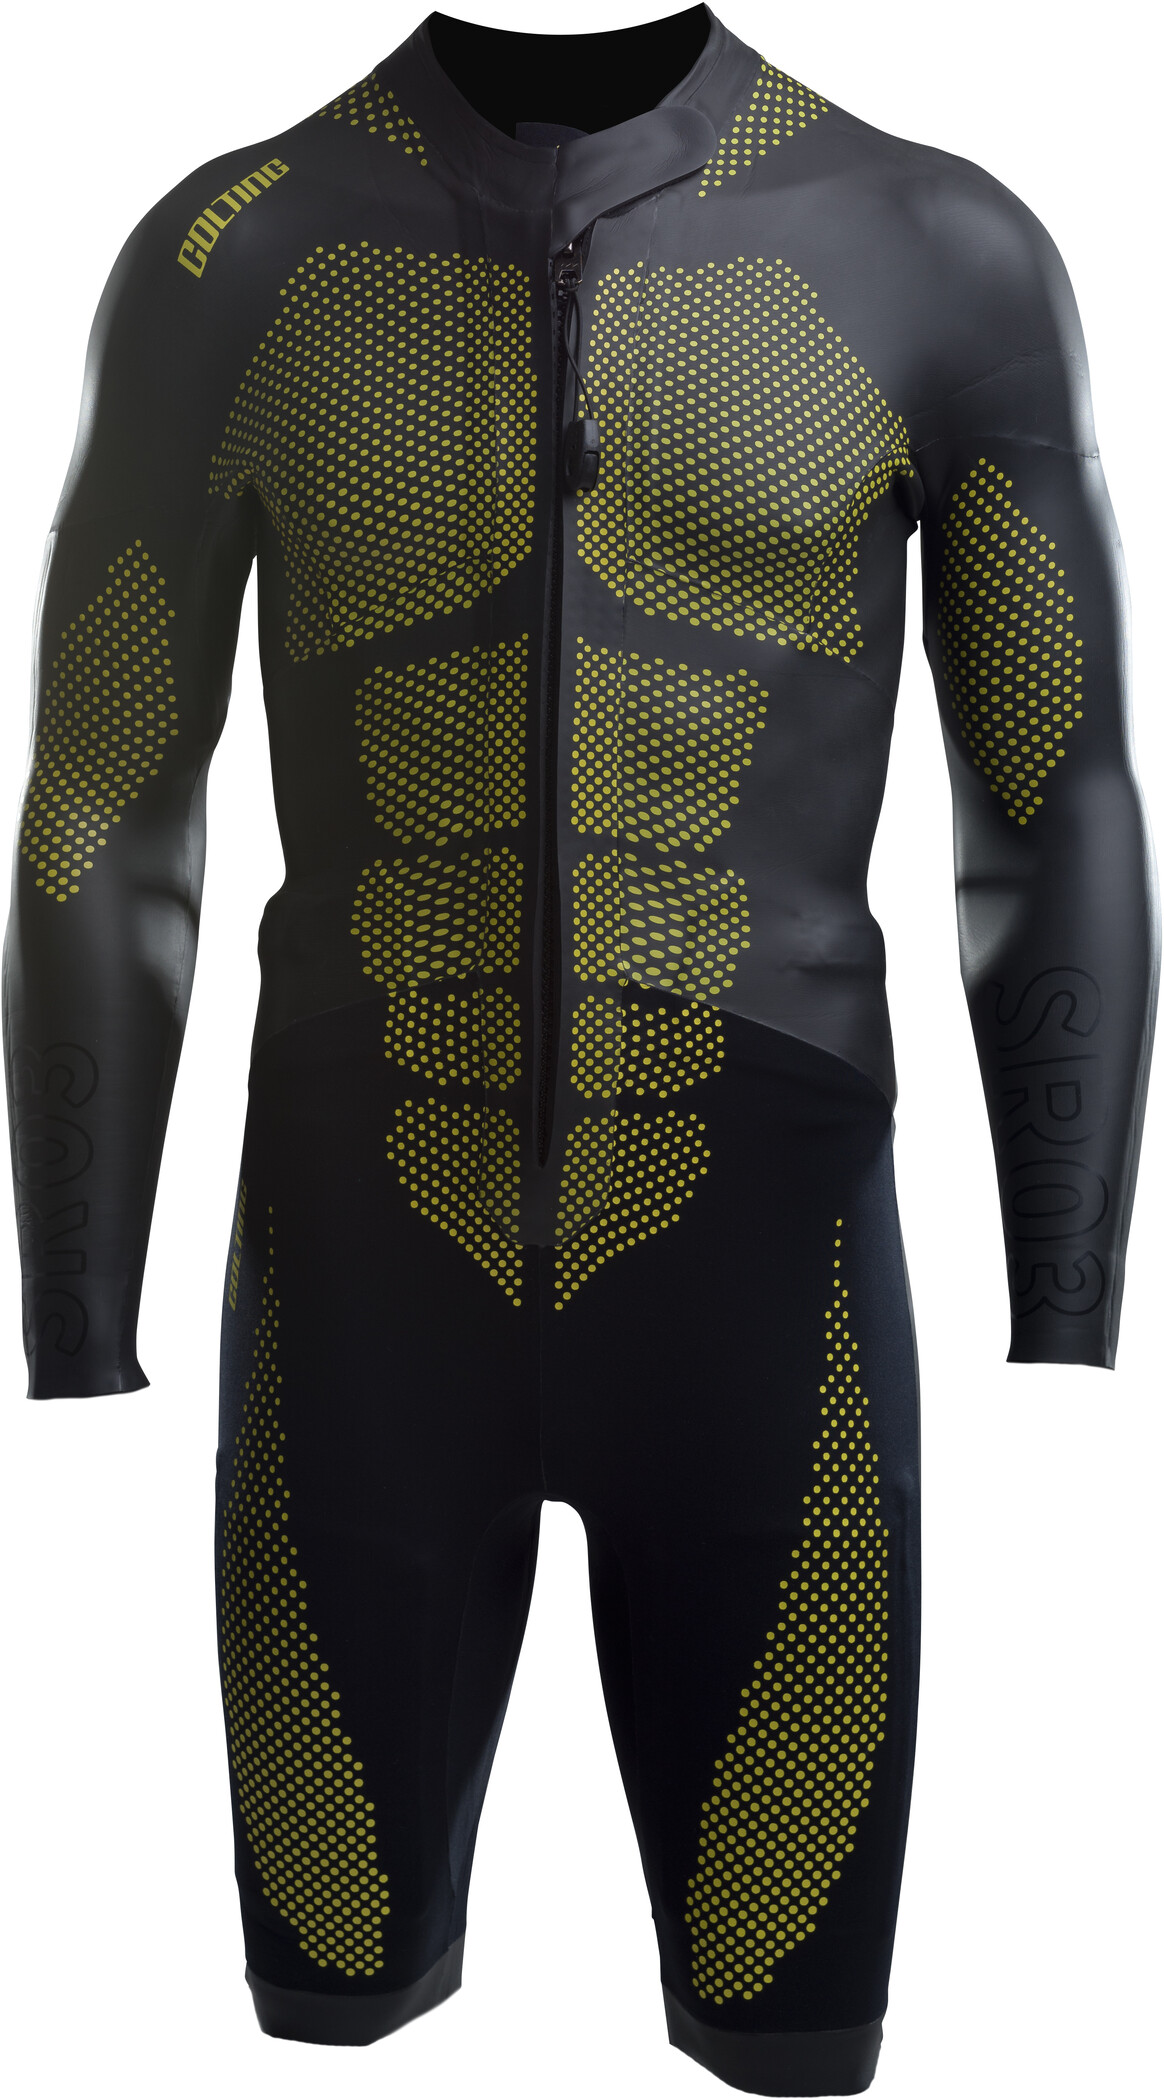 Colting Wetsuits Swimrun SR03 Wetsuit Men, black (2019) | swim_clothes